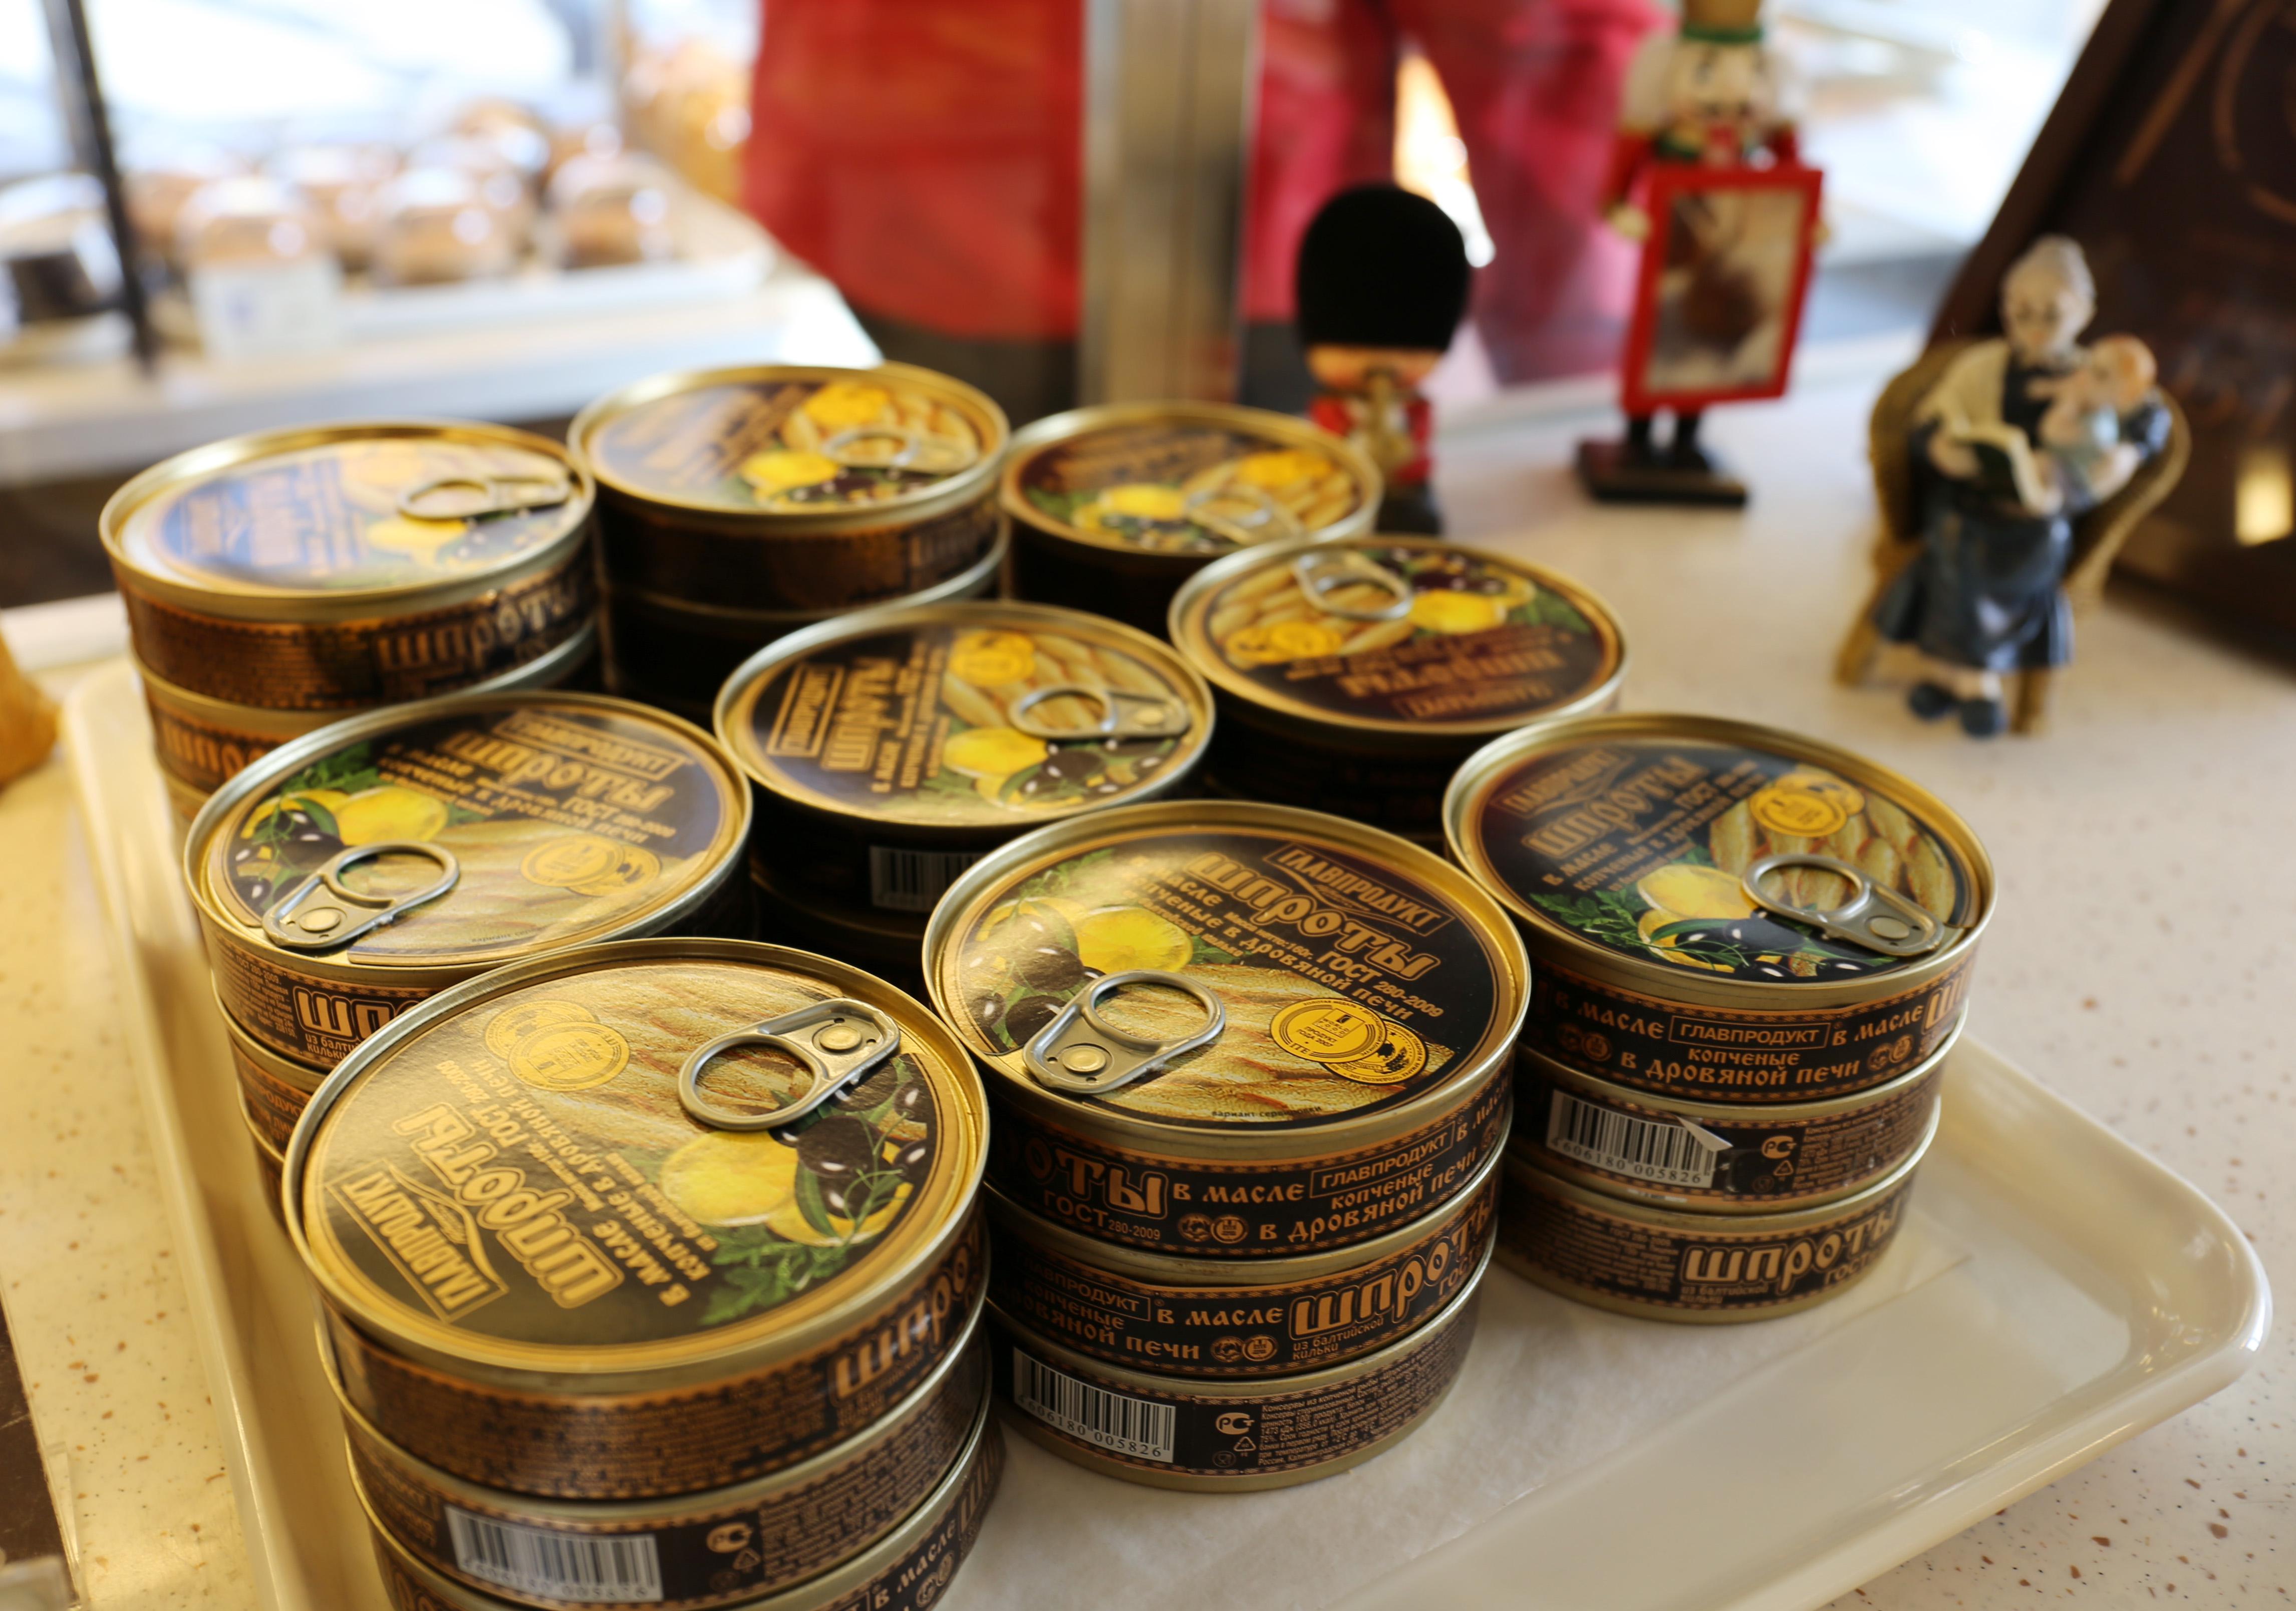 """图为北京展览馆附近""""维塔斯""""面包坊内陈设的俄罗斯鹅肝酱。(新华社记者耿锐斌摄)"""